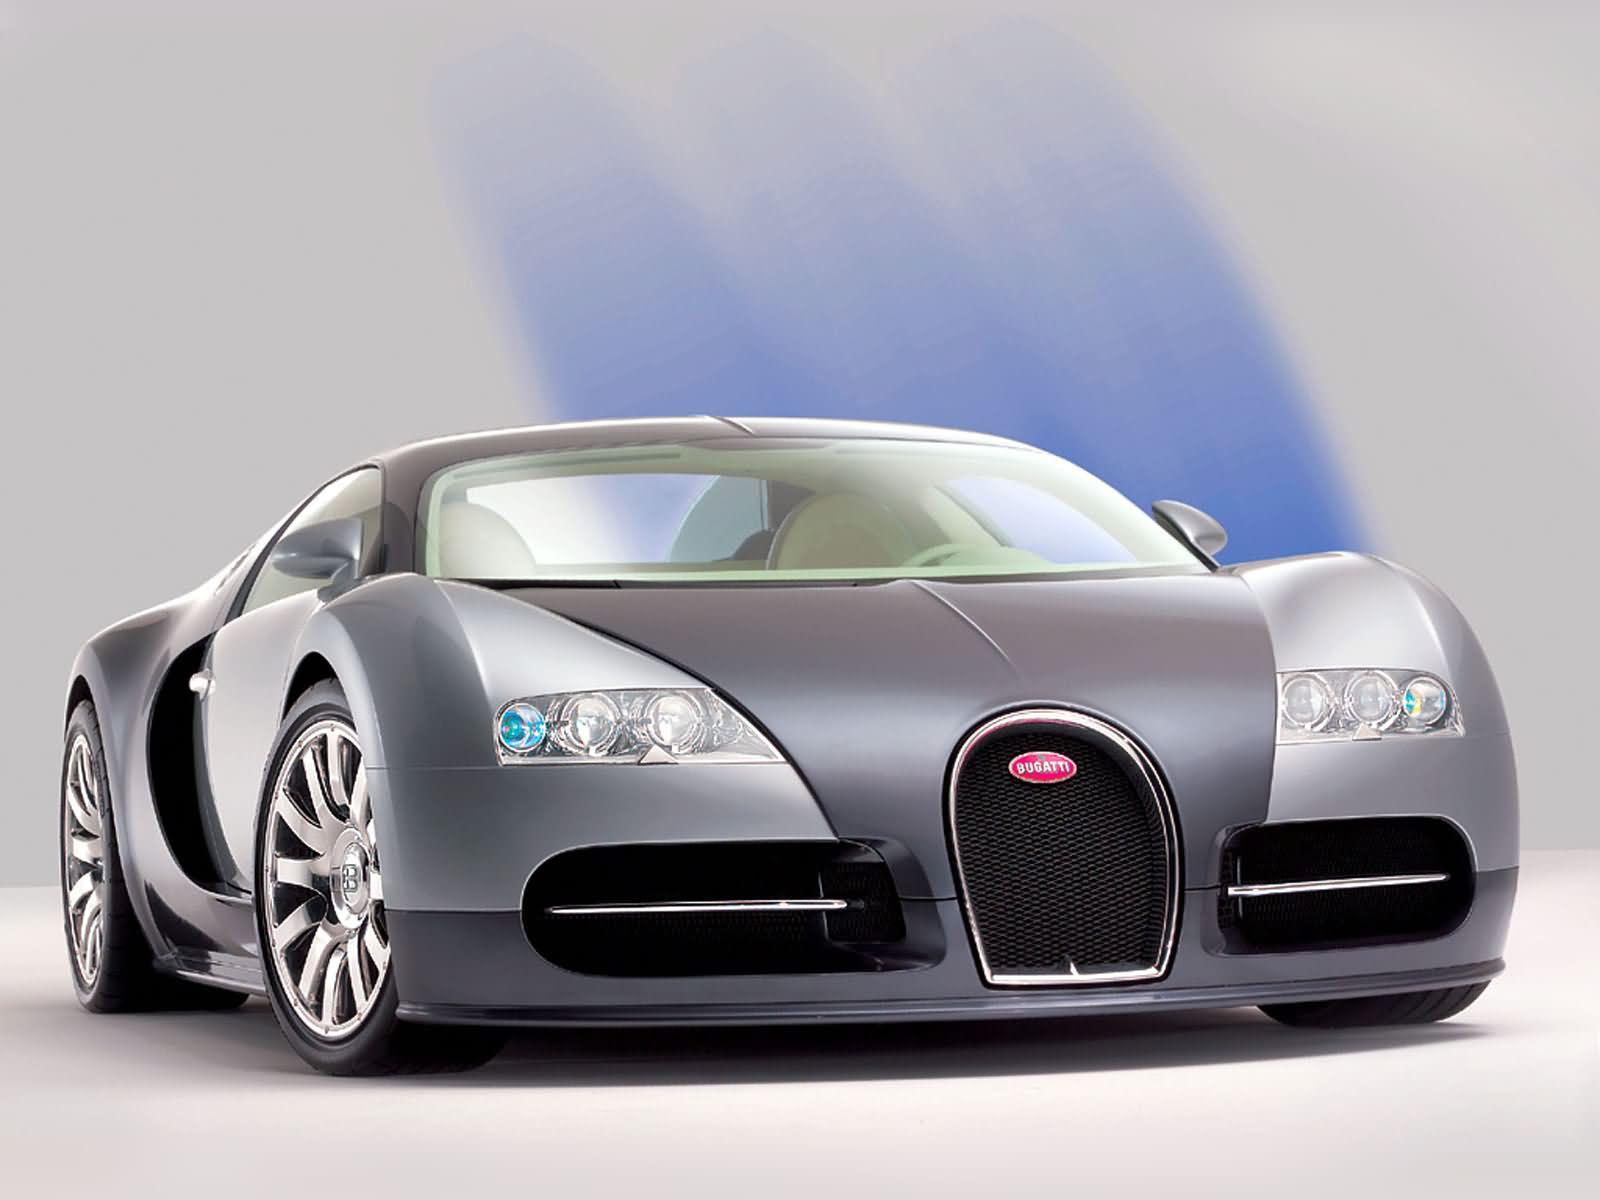 Silver Bugatti Veyron Wallpaper Desktop 4362 Wallpaper Wallpaper 1600x1200